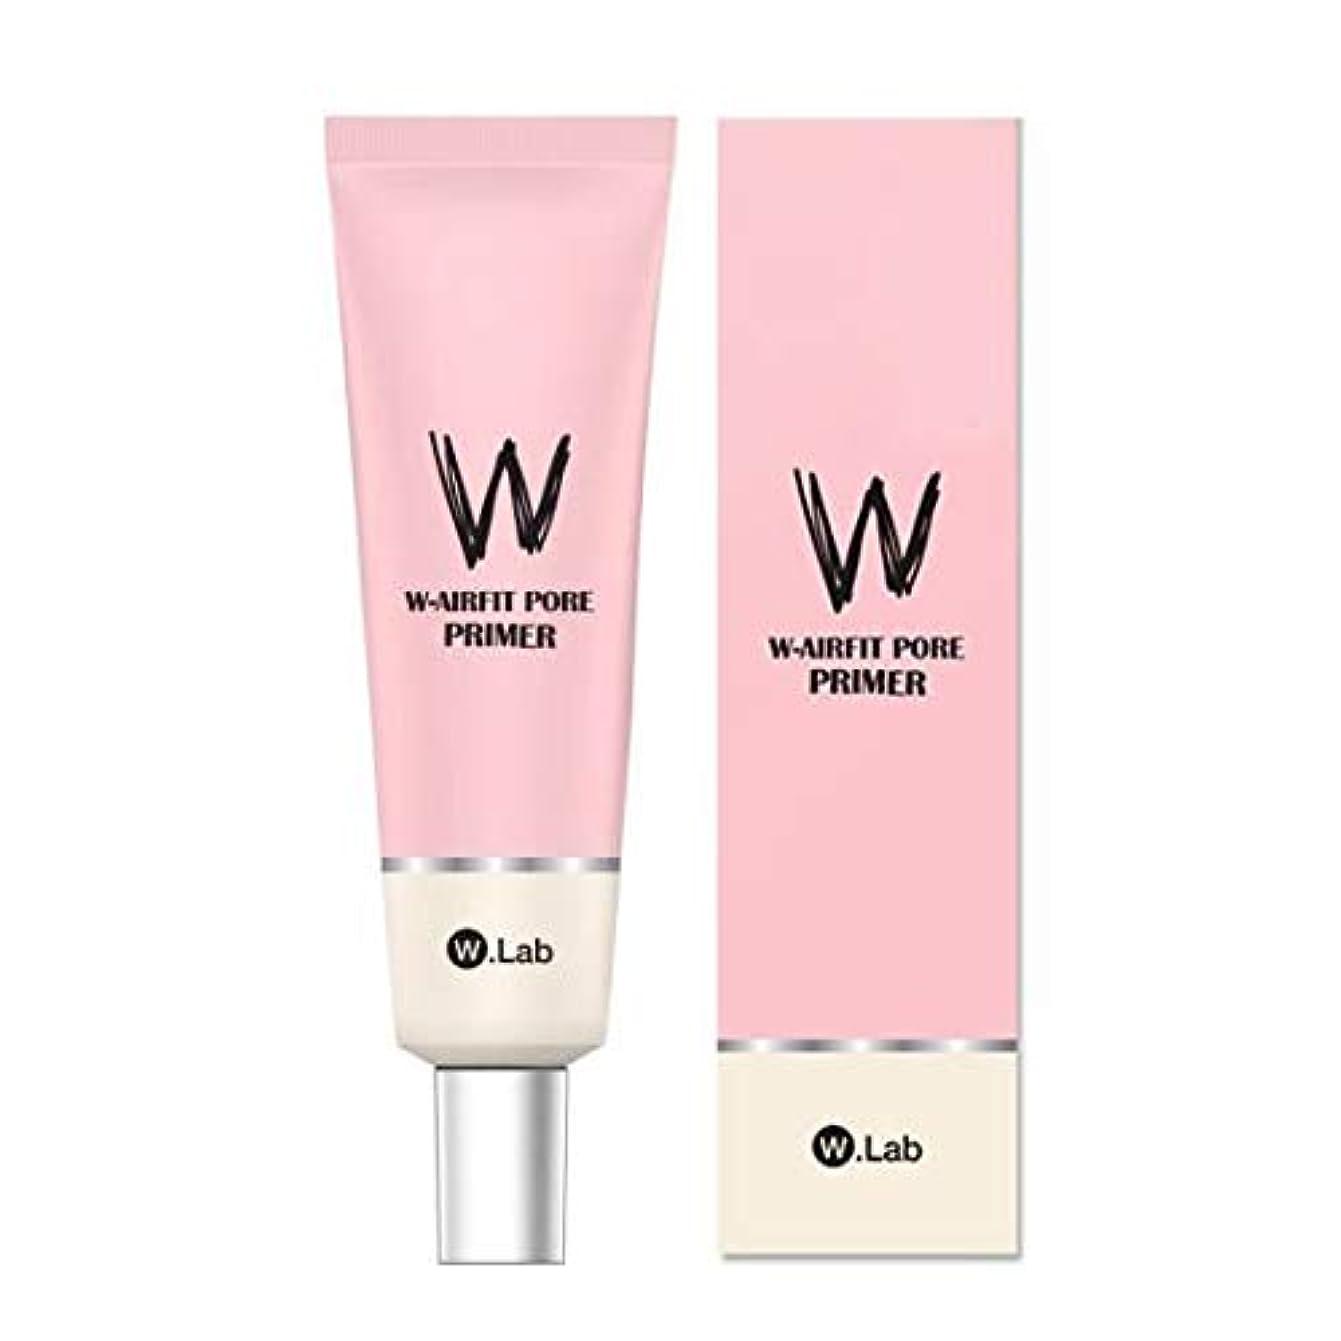 アンタゴニスト見通し書士W.Lab W-Airfit Pore Primer 35g [parallel import goods]